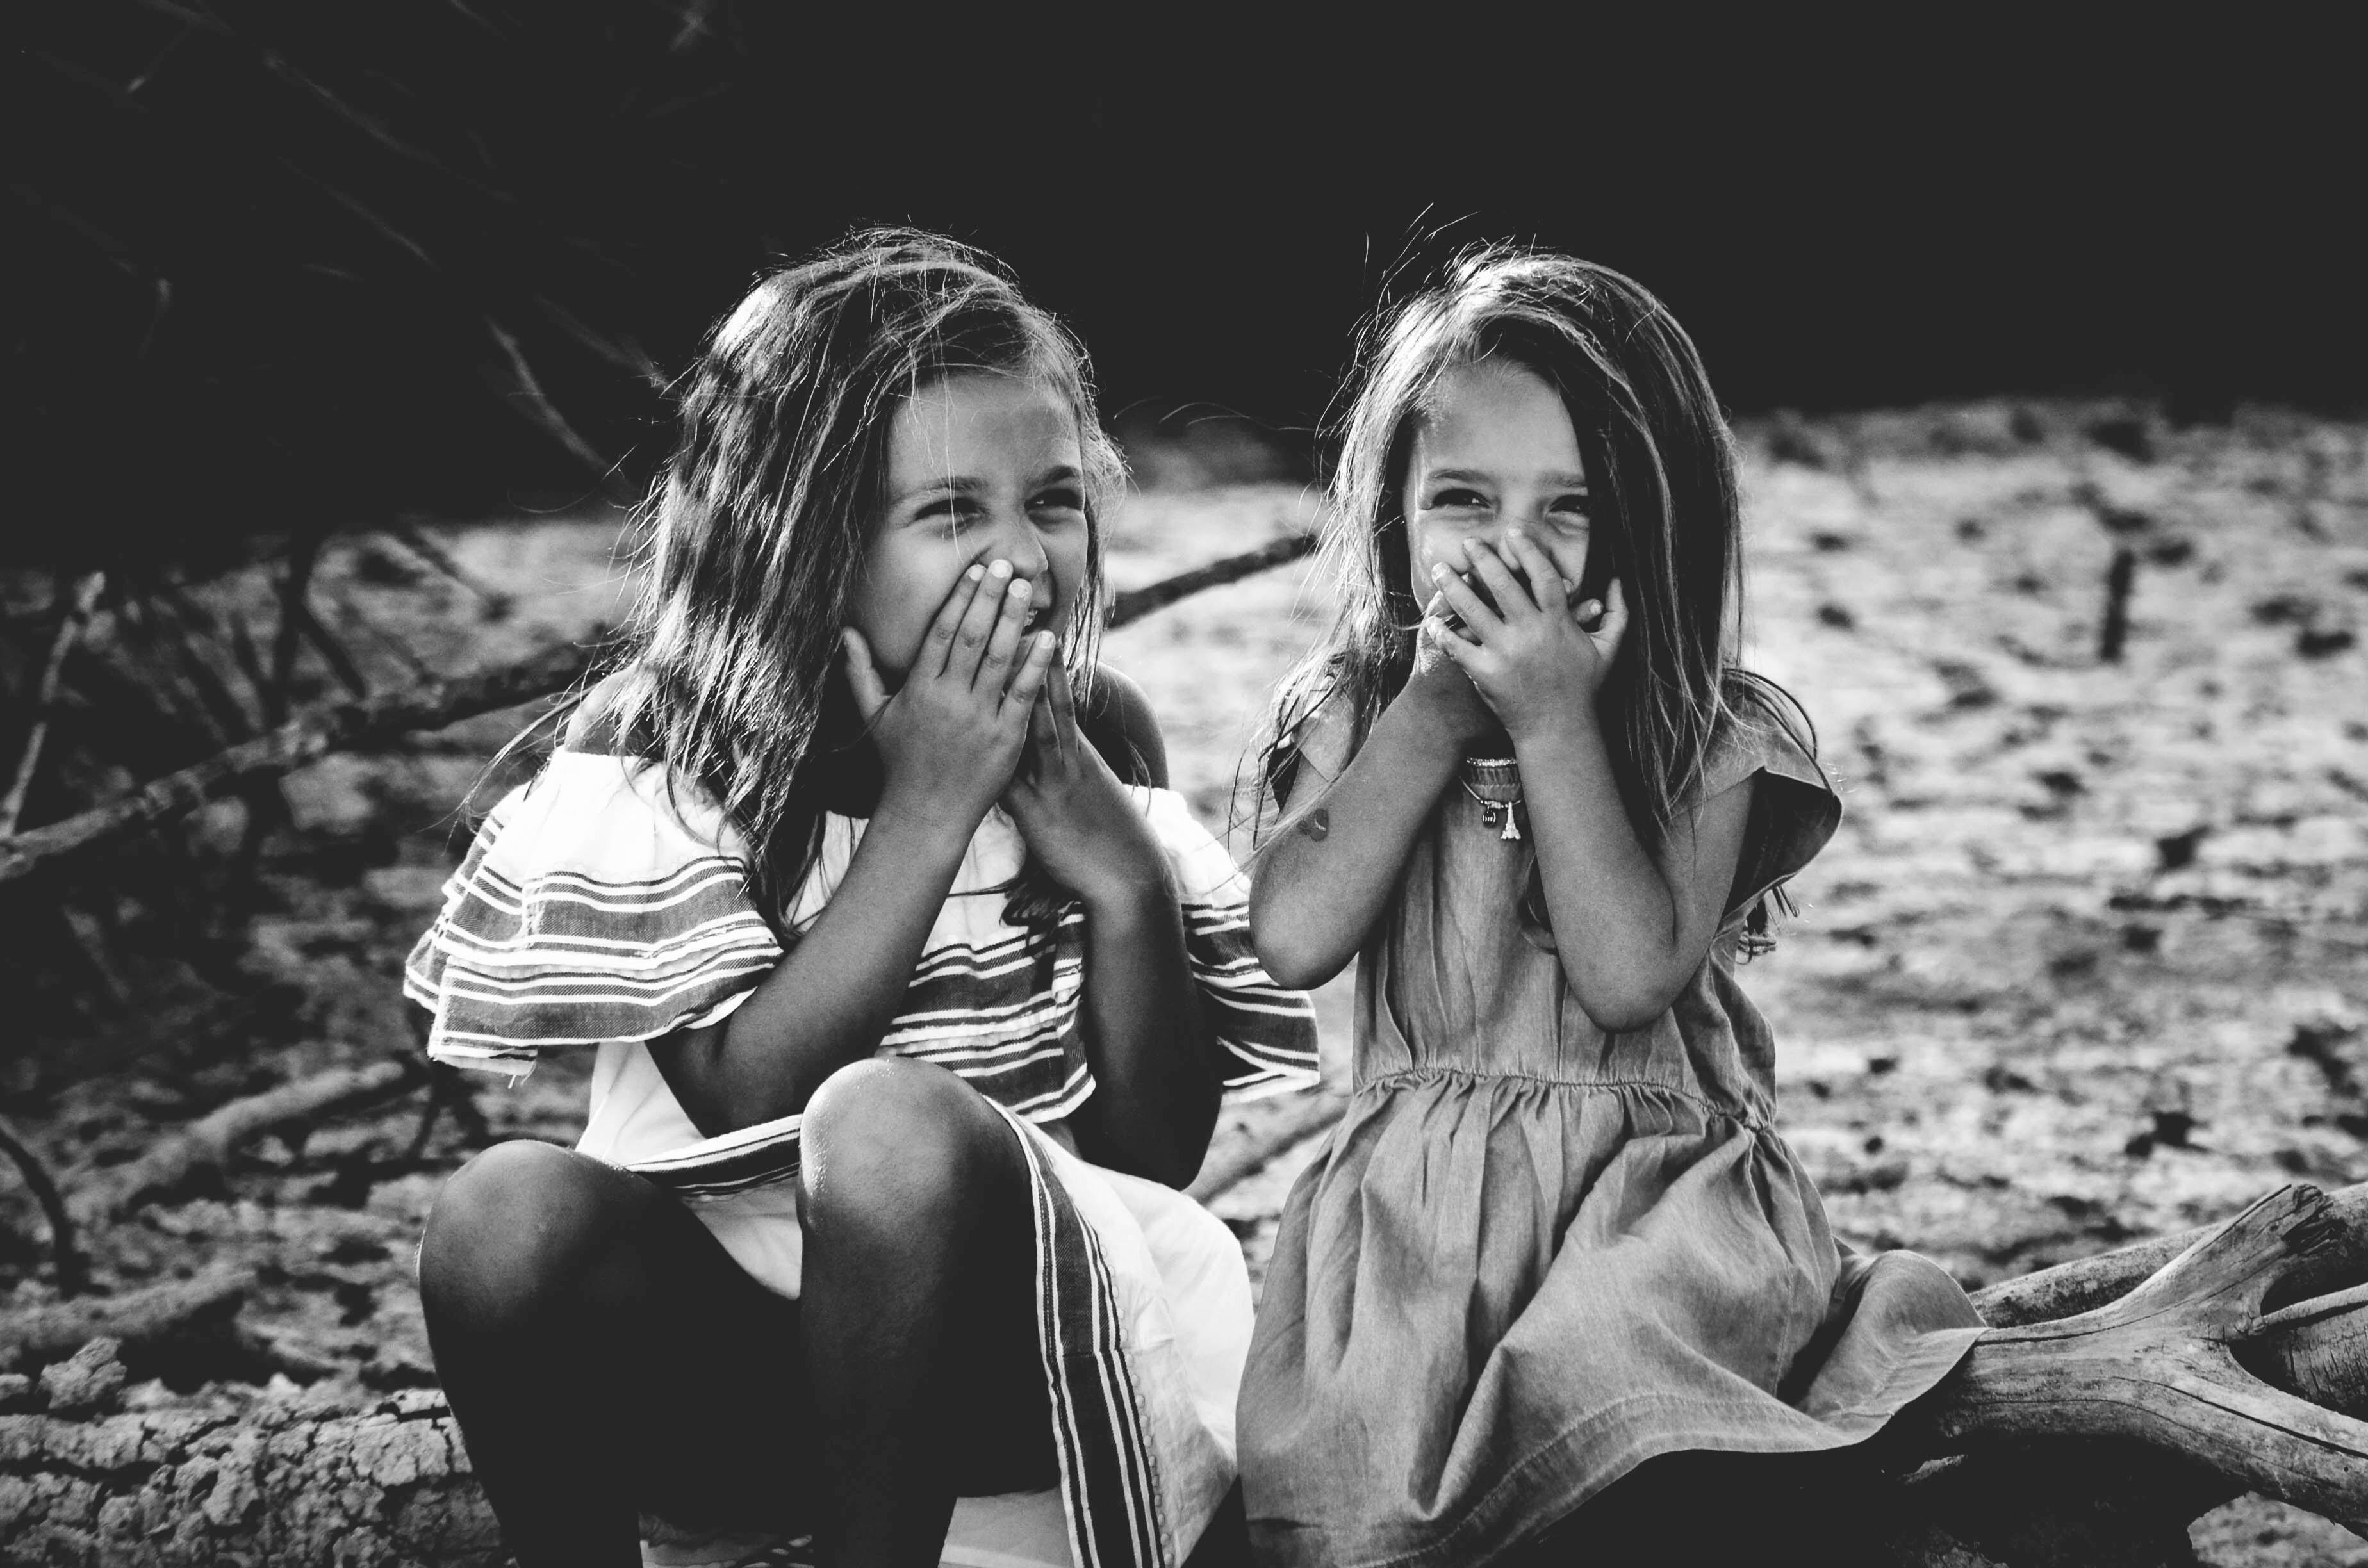 Вырастет хорошим человеком: какие качества нужно развивать у ребенка